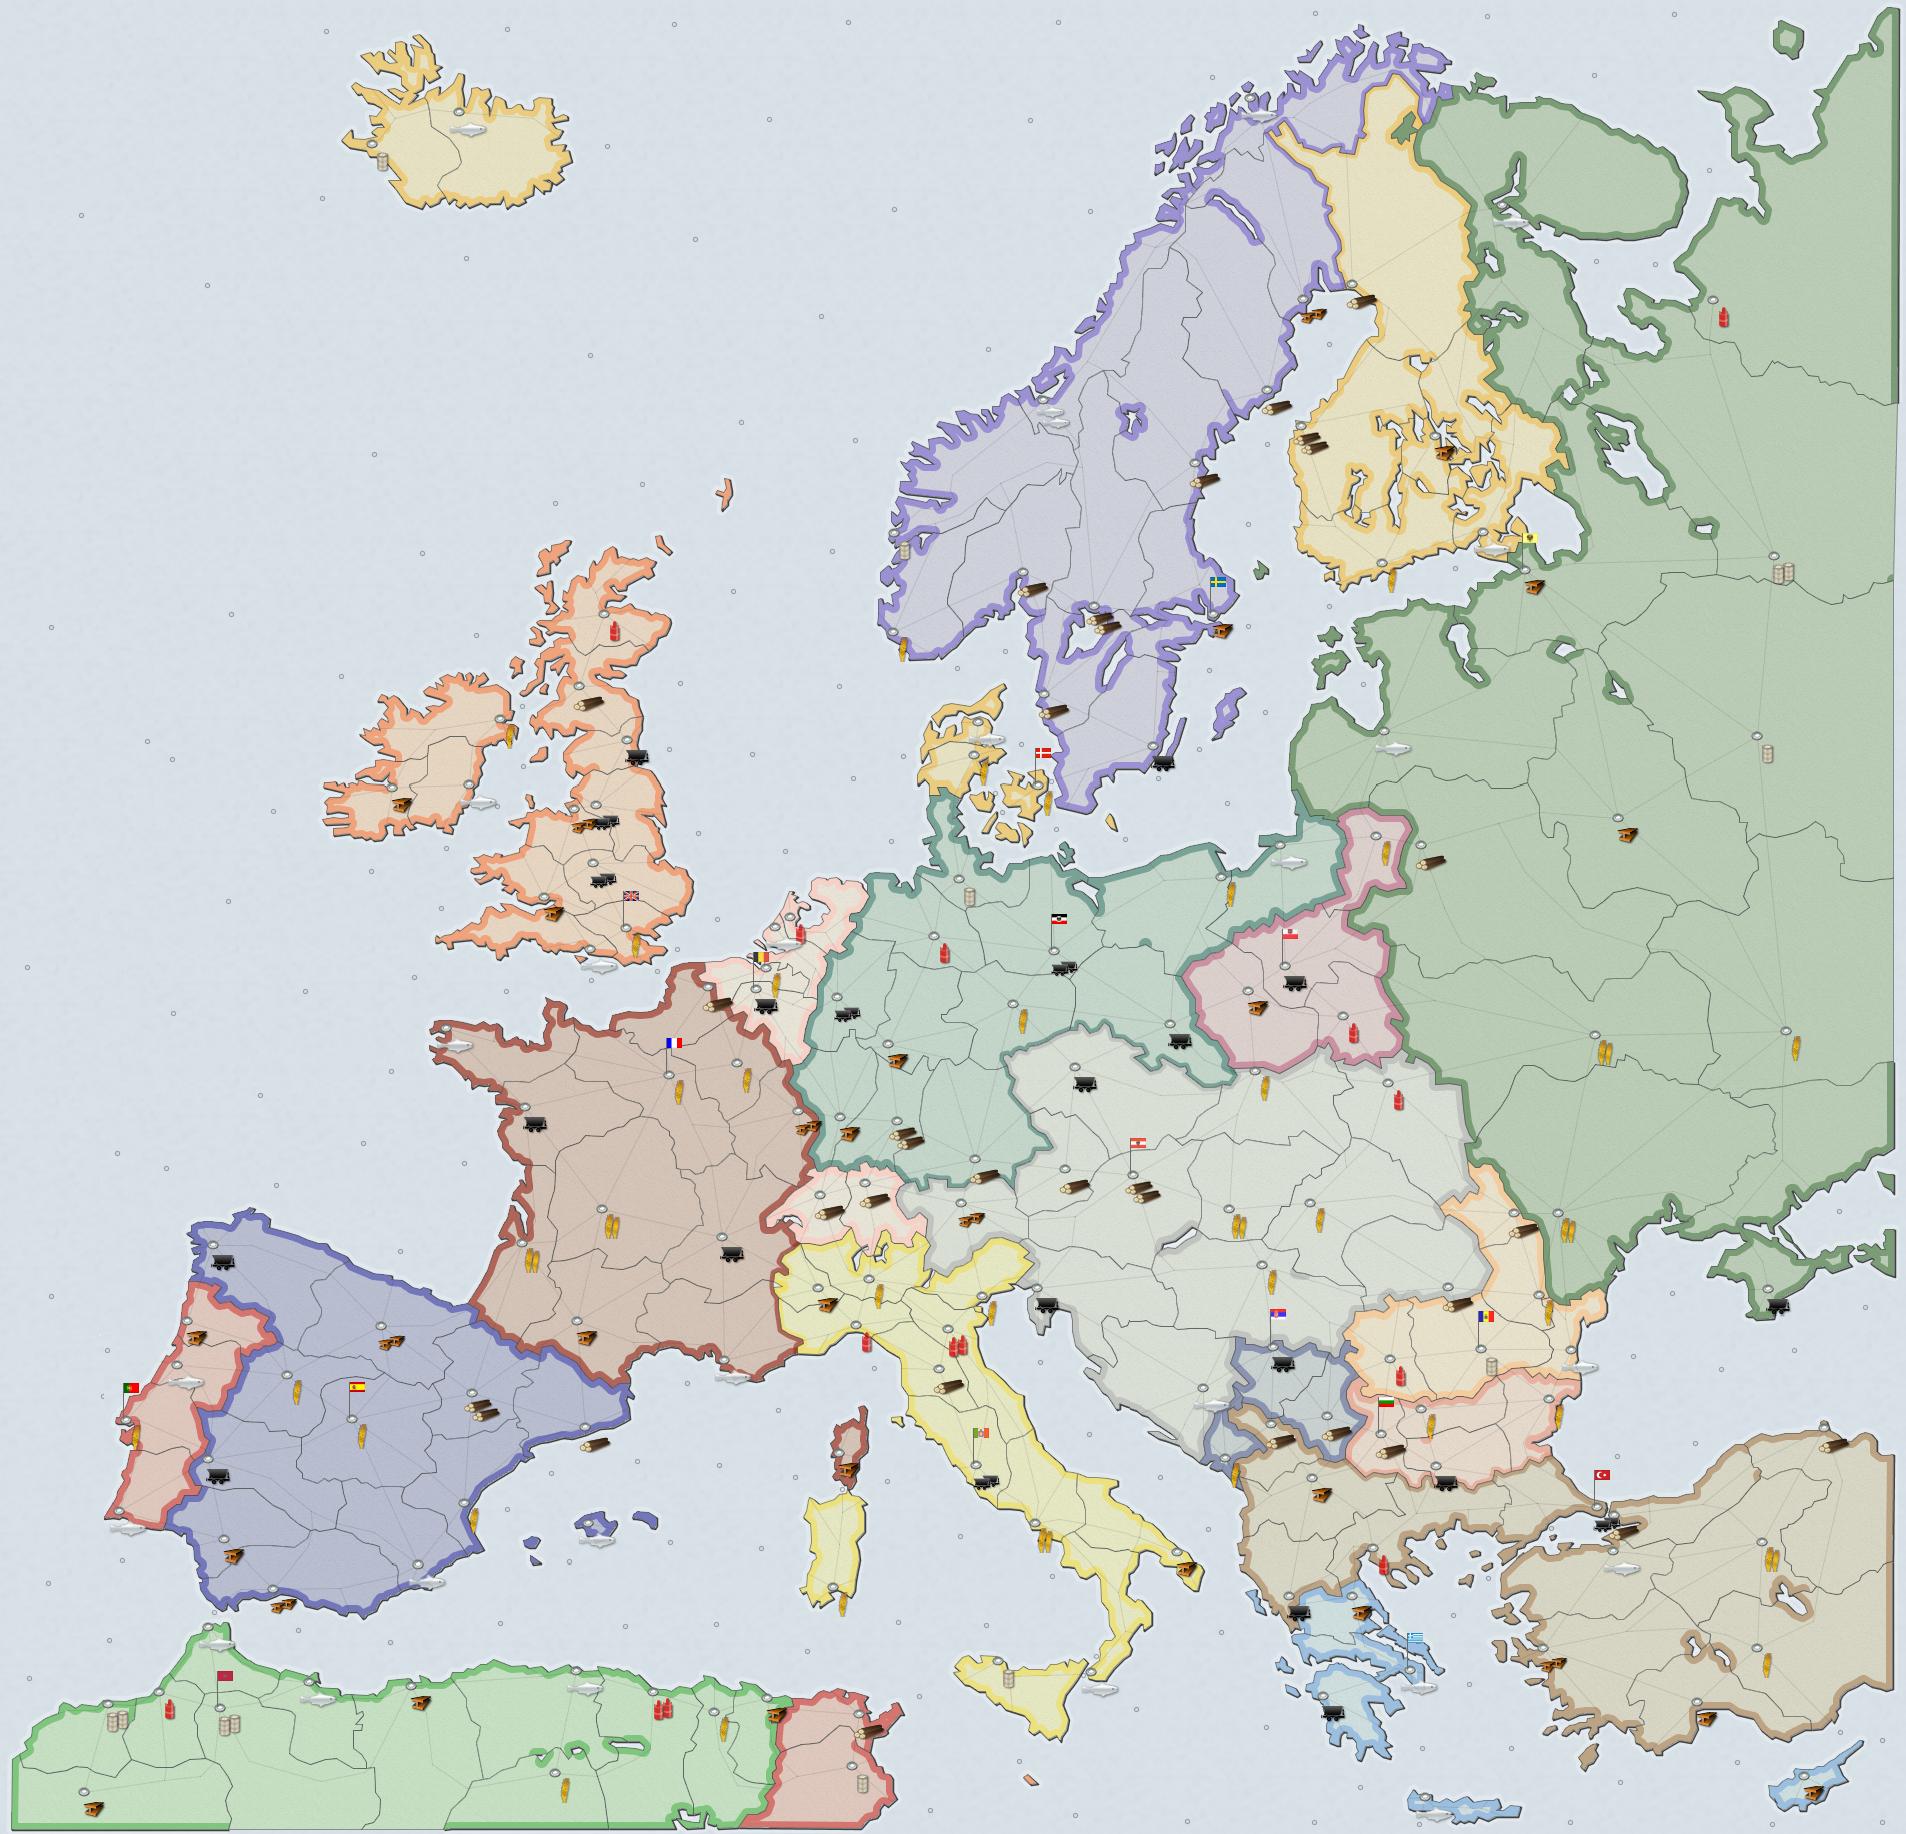 Europe 1914 Supremacy1914 Wiki FANDOM powered by Wikia